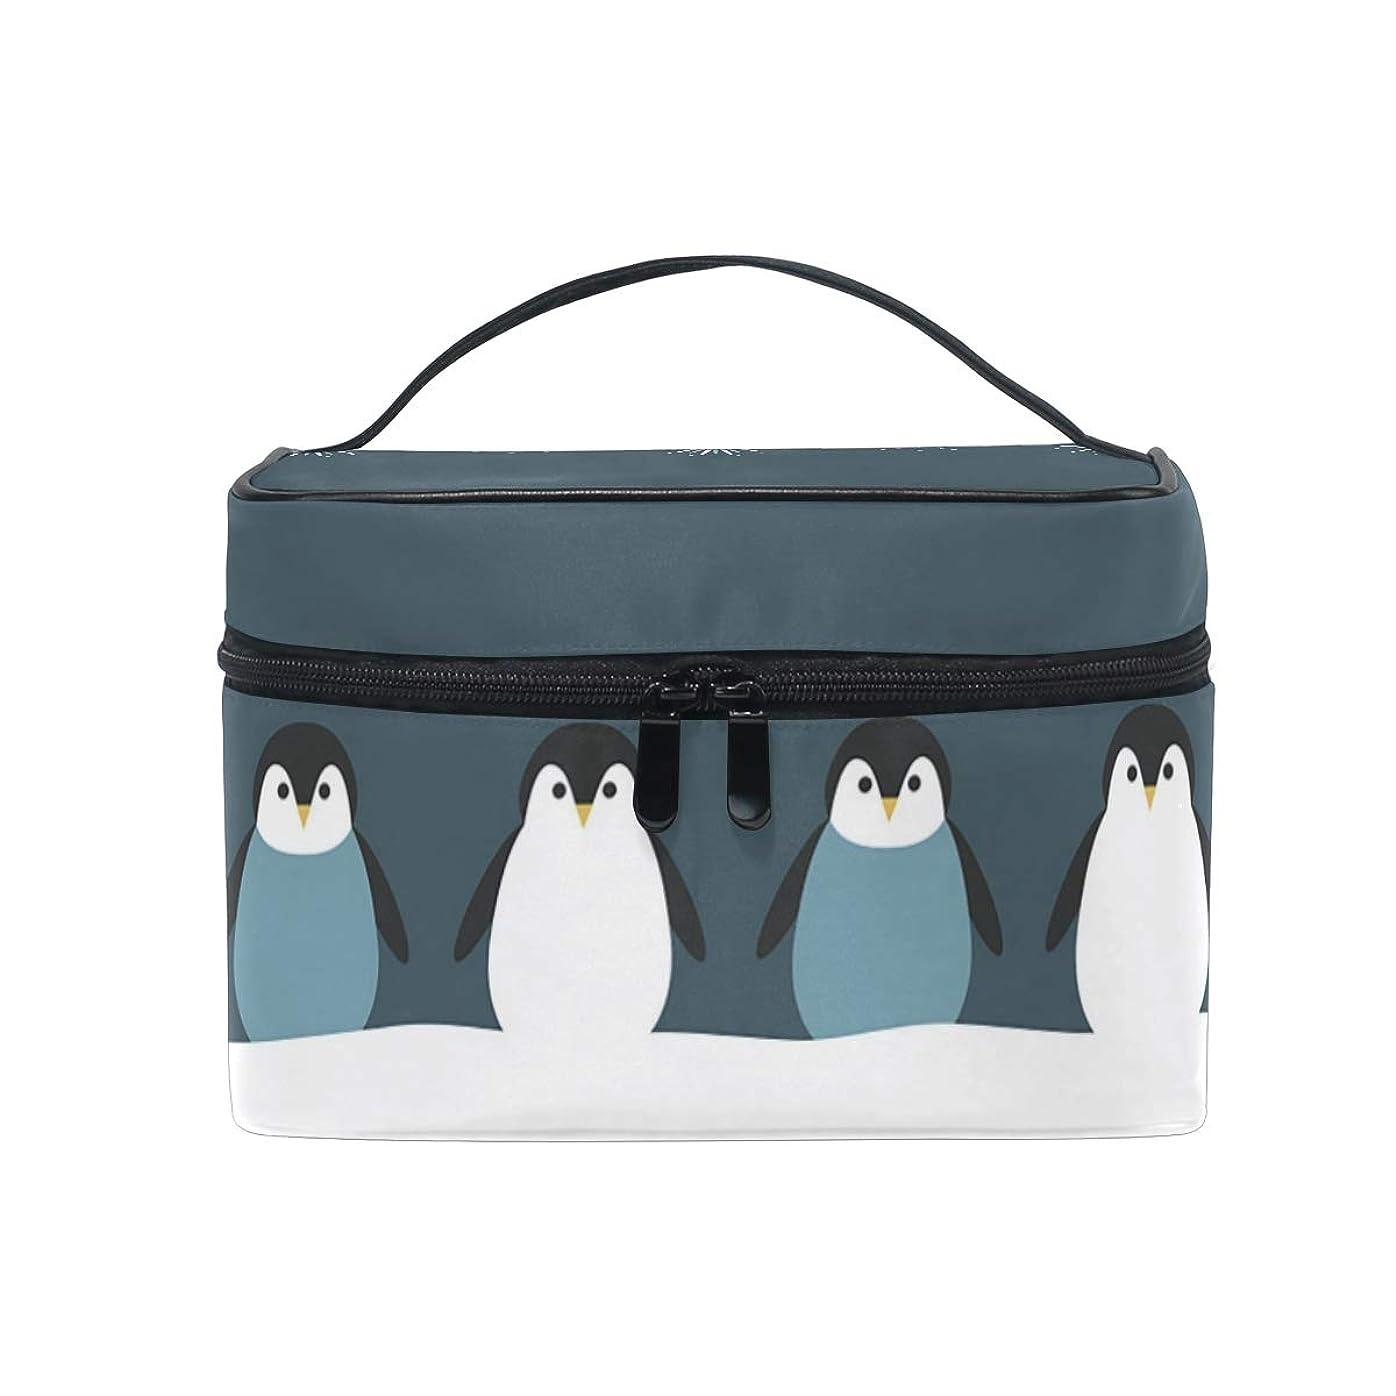 避難するサイバースペース西部メイクポーチ 動物 ペンギン 花火 化粧ポーチ 化粧箱 バニティポーチ コスメポーチ 化粧品 収納 雑貨 小物入れ 女性 超軽量 機能的 大容量